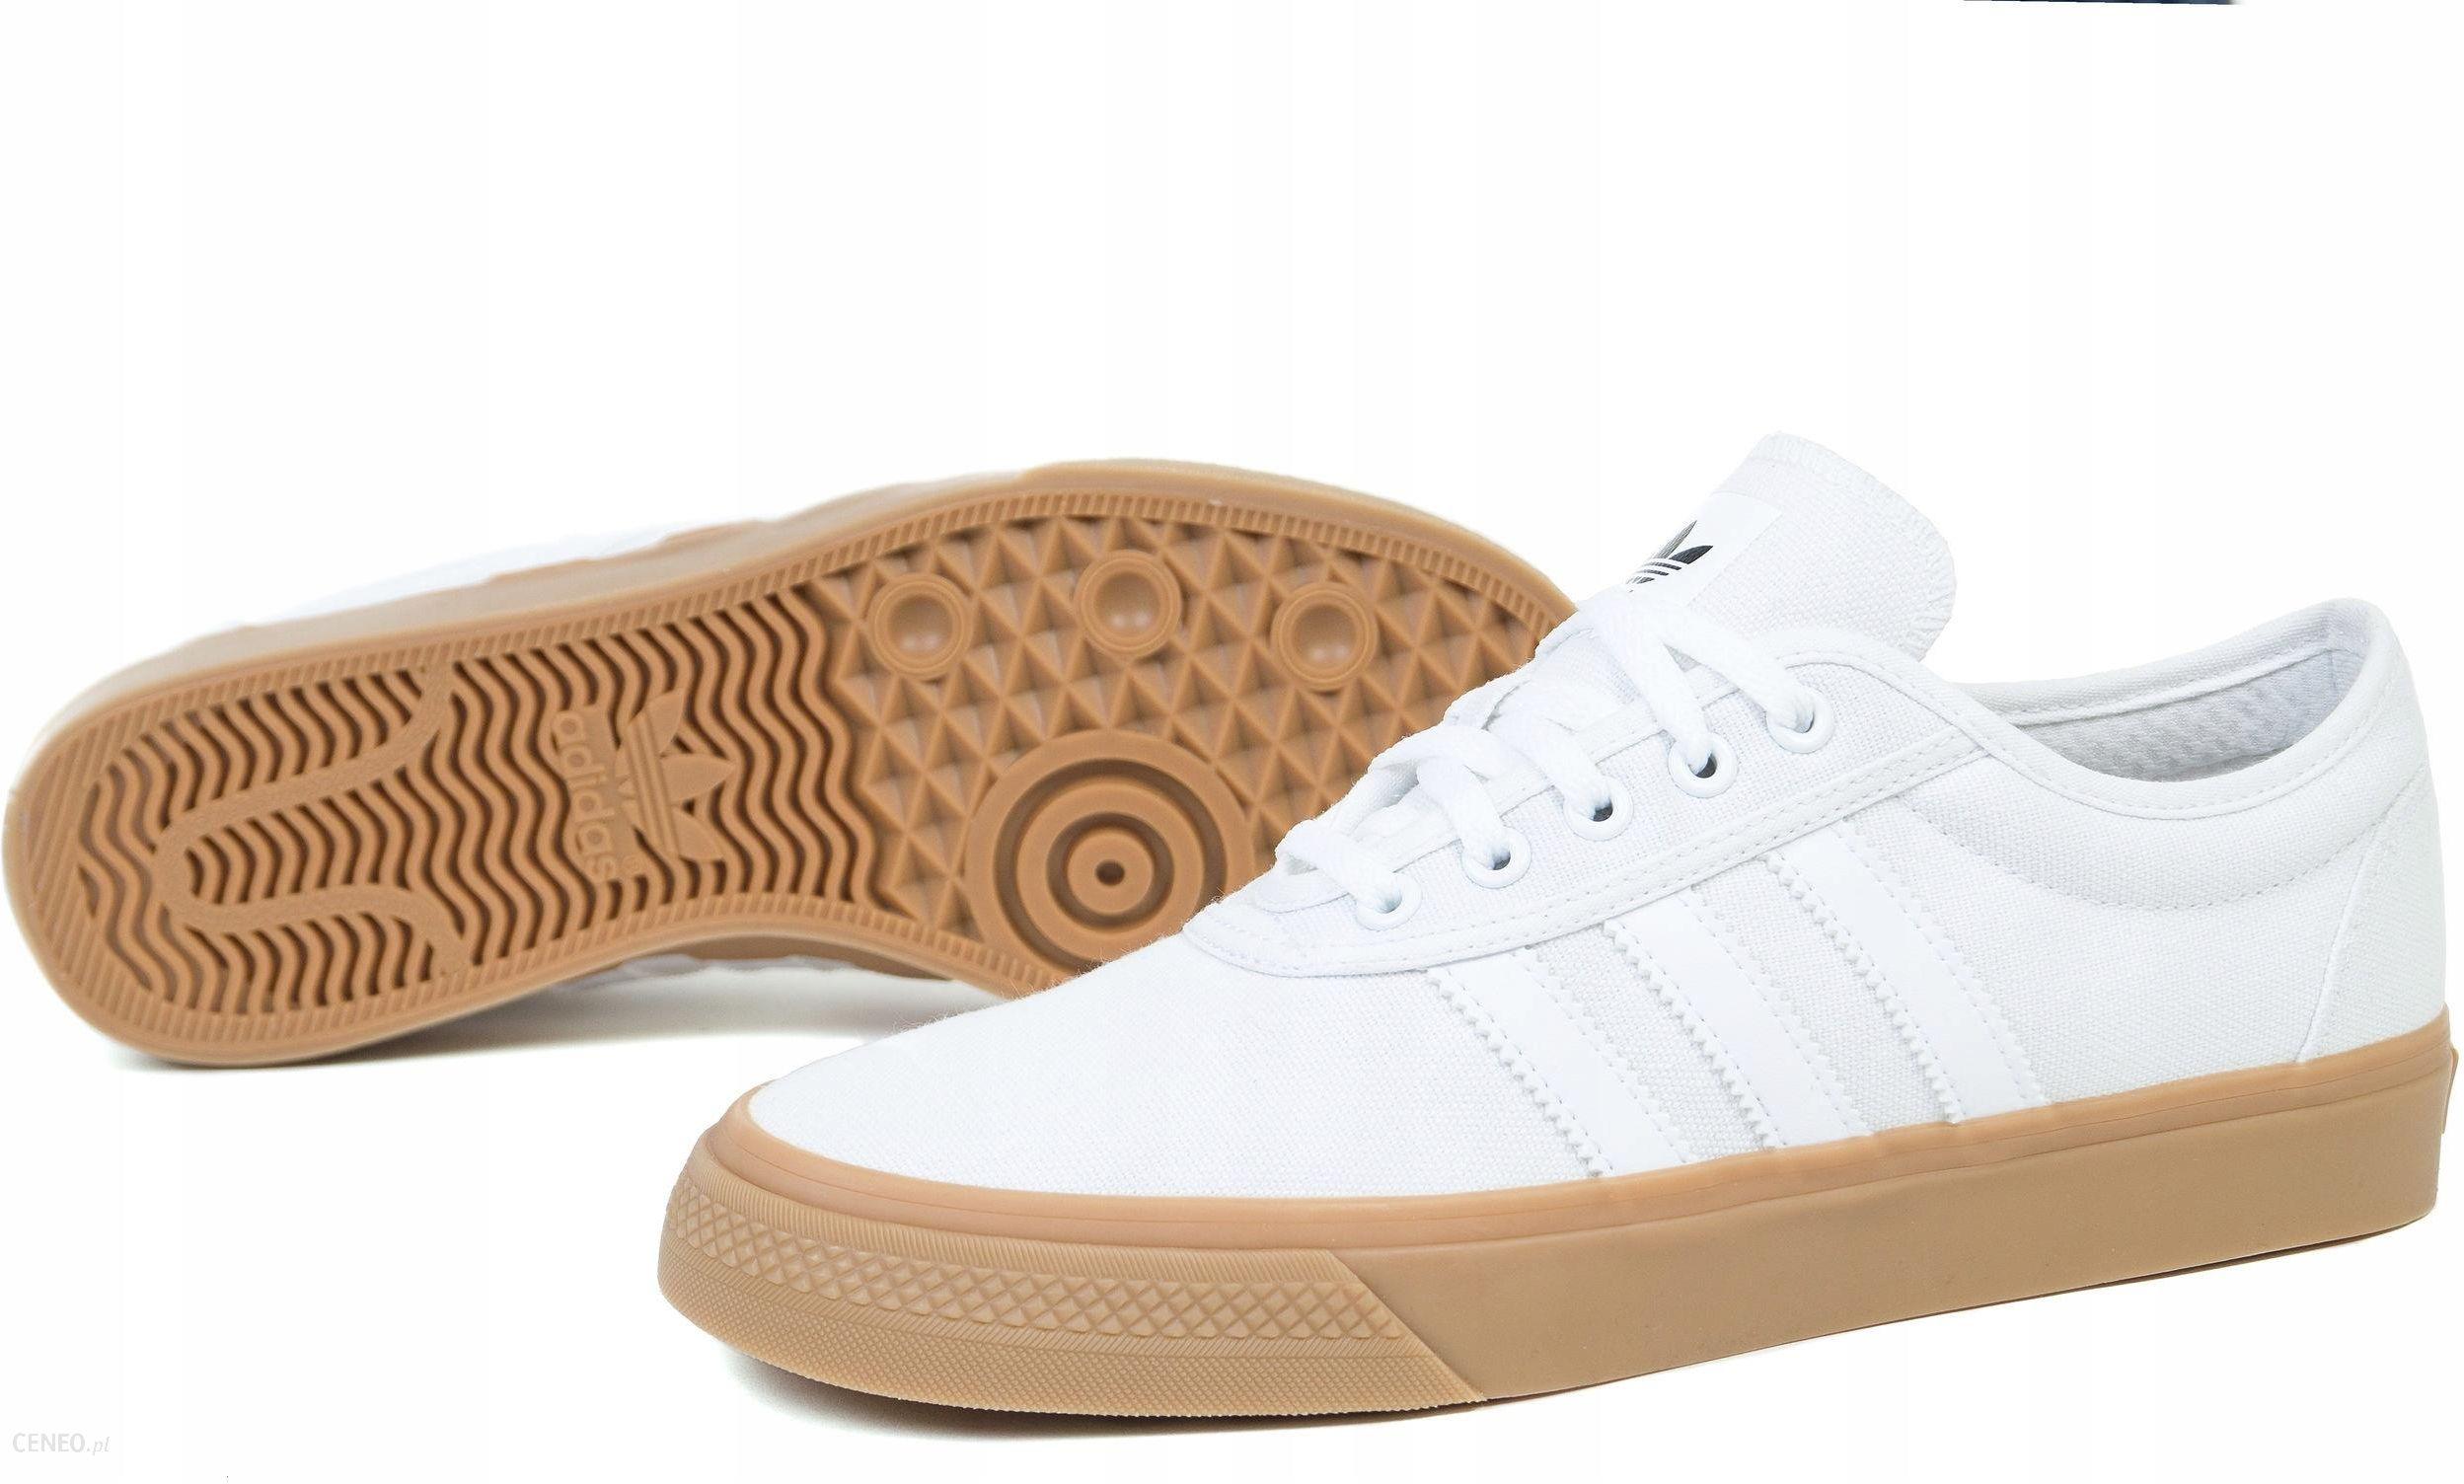 Buty adidas Adiease skate DB3110   Biały   Profesjonalny